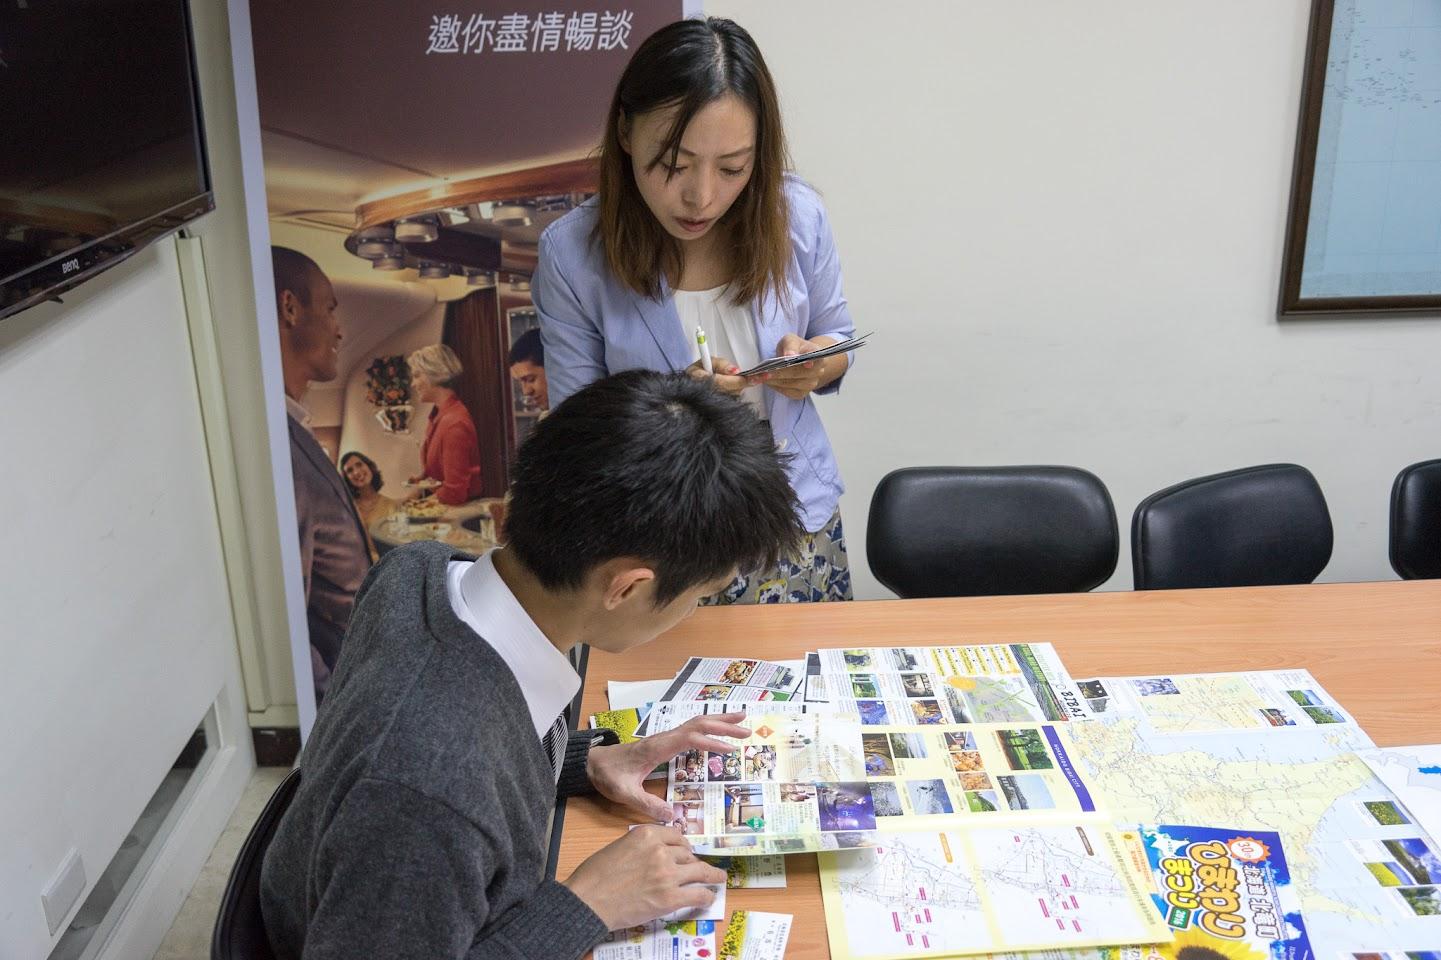 (株)アンビックス 海外事業部インバウンドセンター・段娜氏